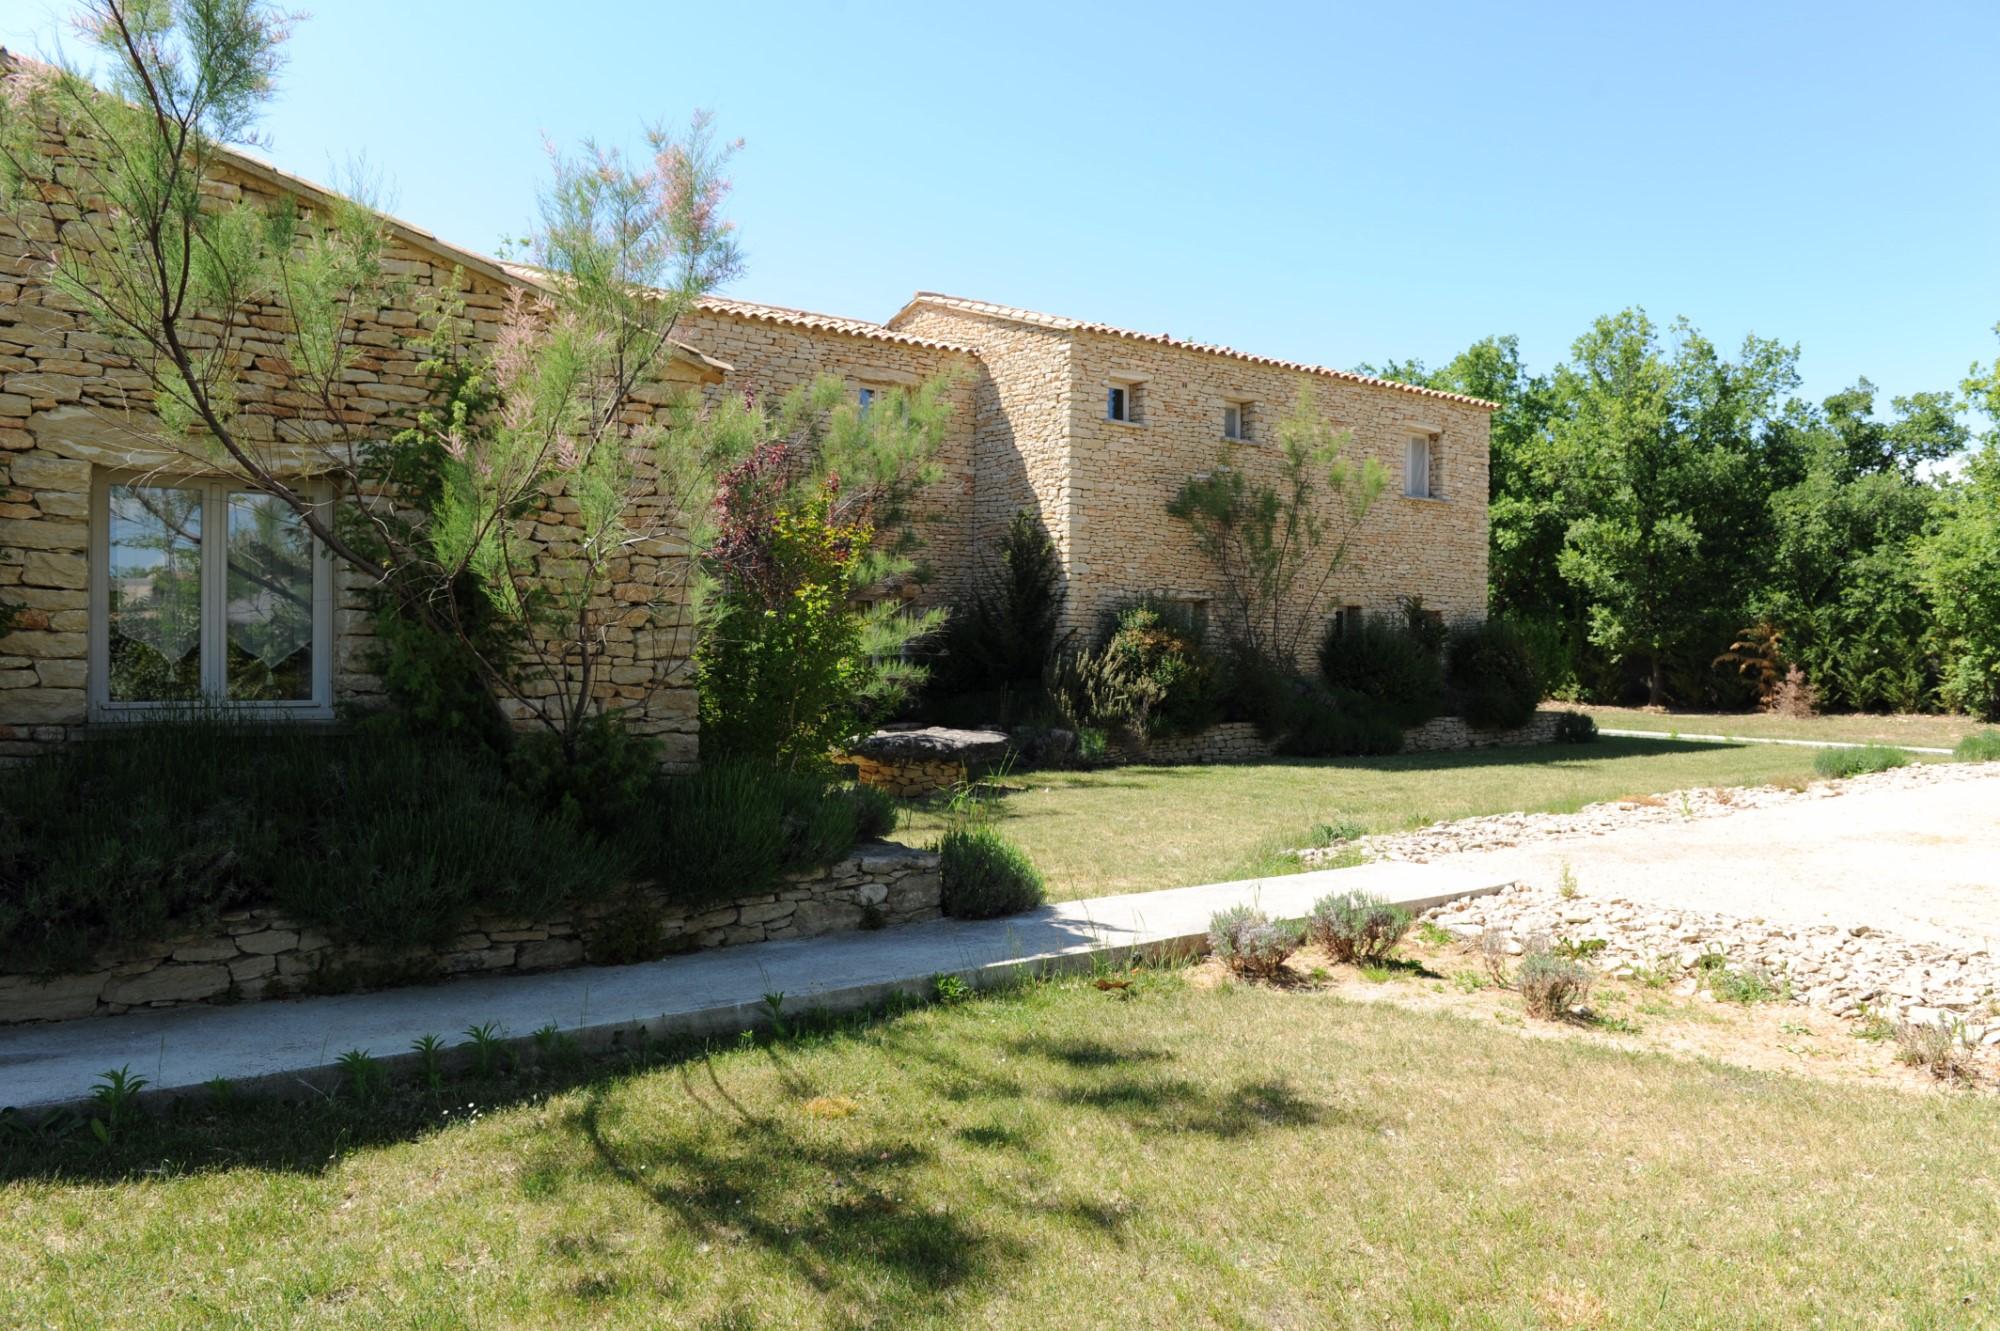 Entre Roussillon et Gordes, à vendre, maison en pierres d'environ 380 m² avec jardin